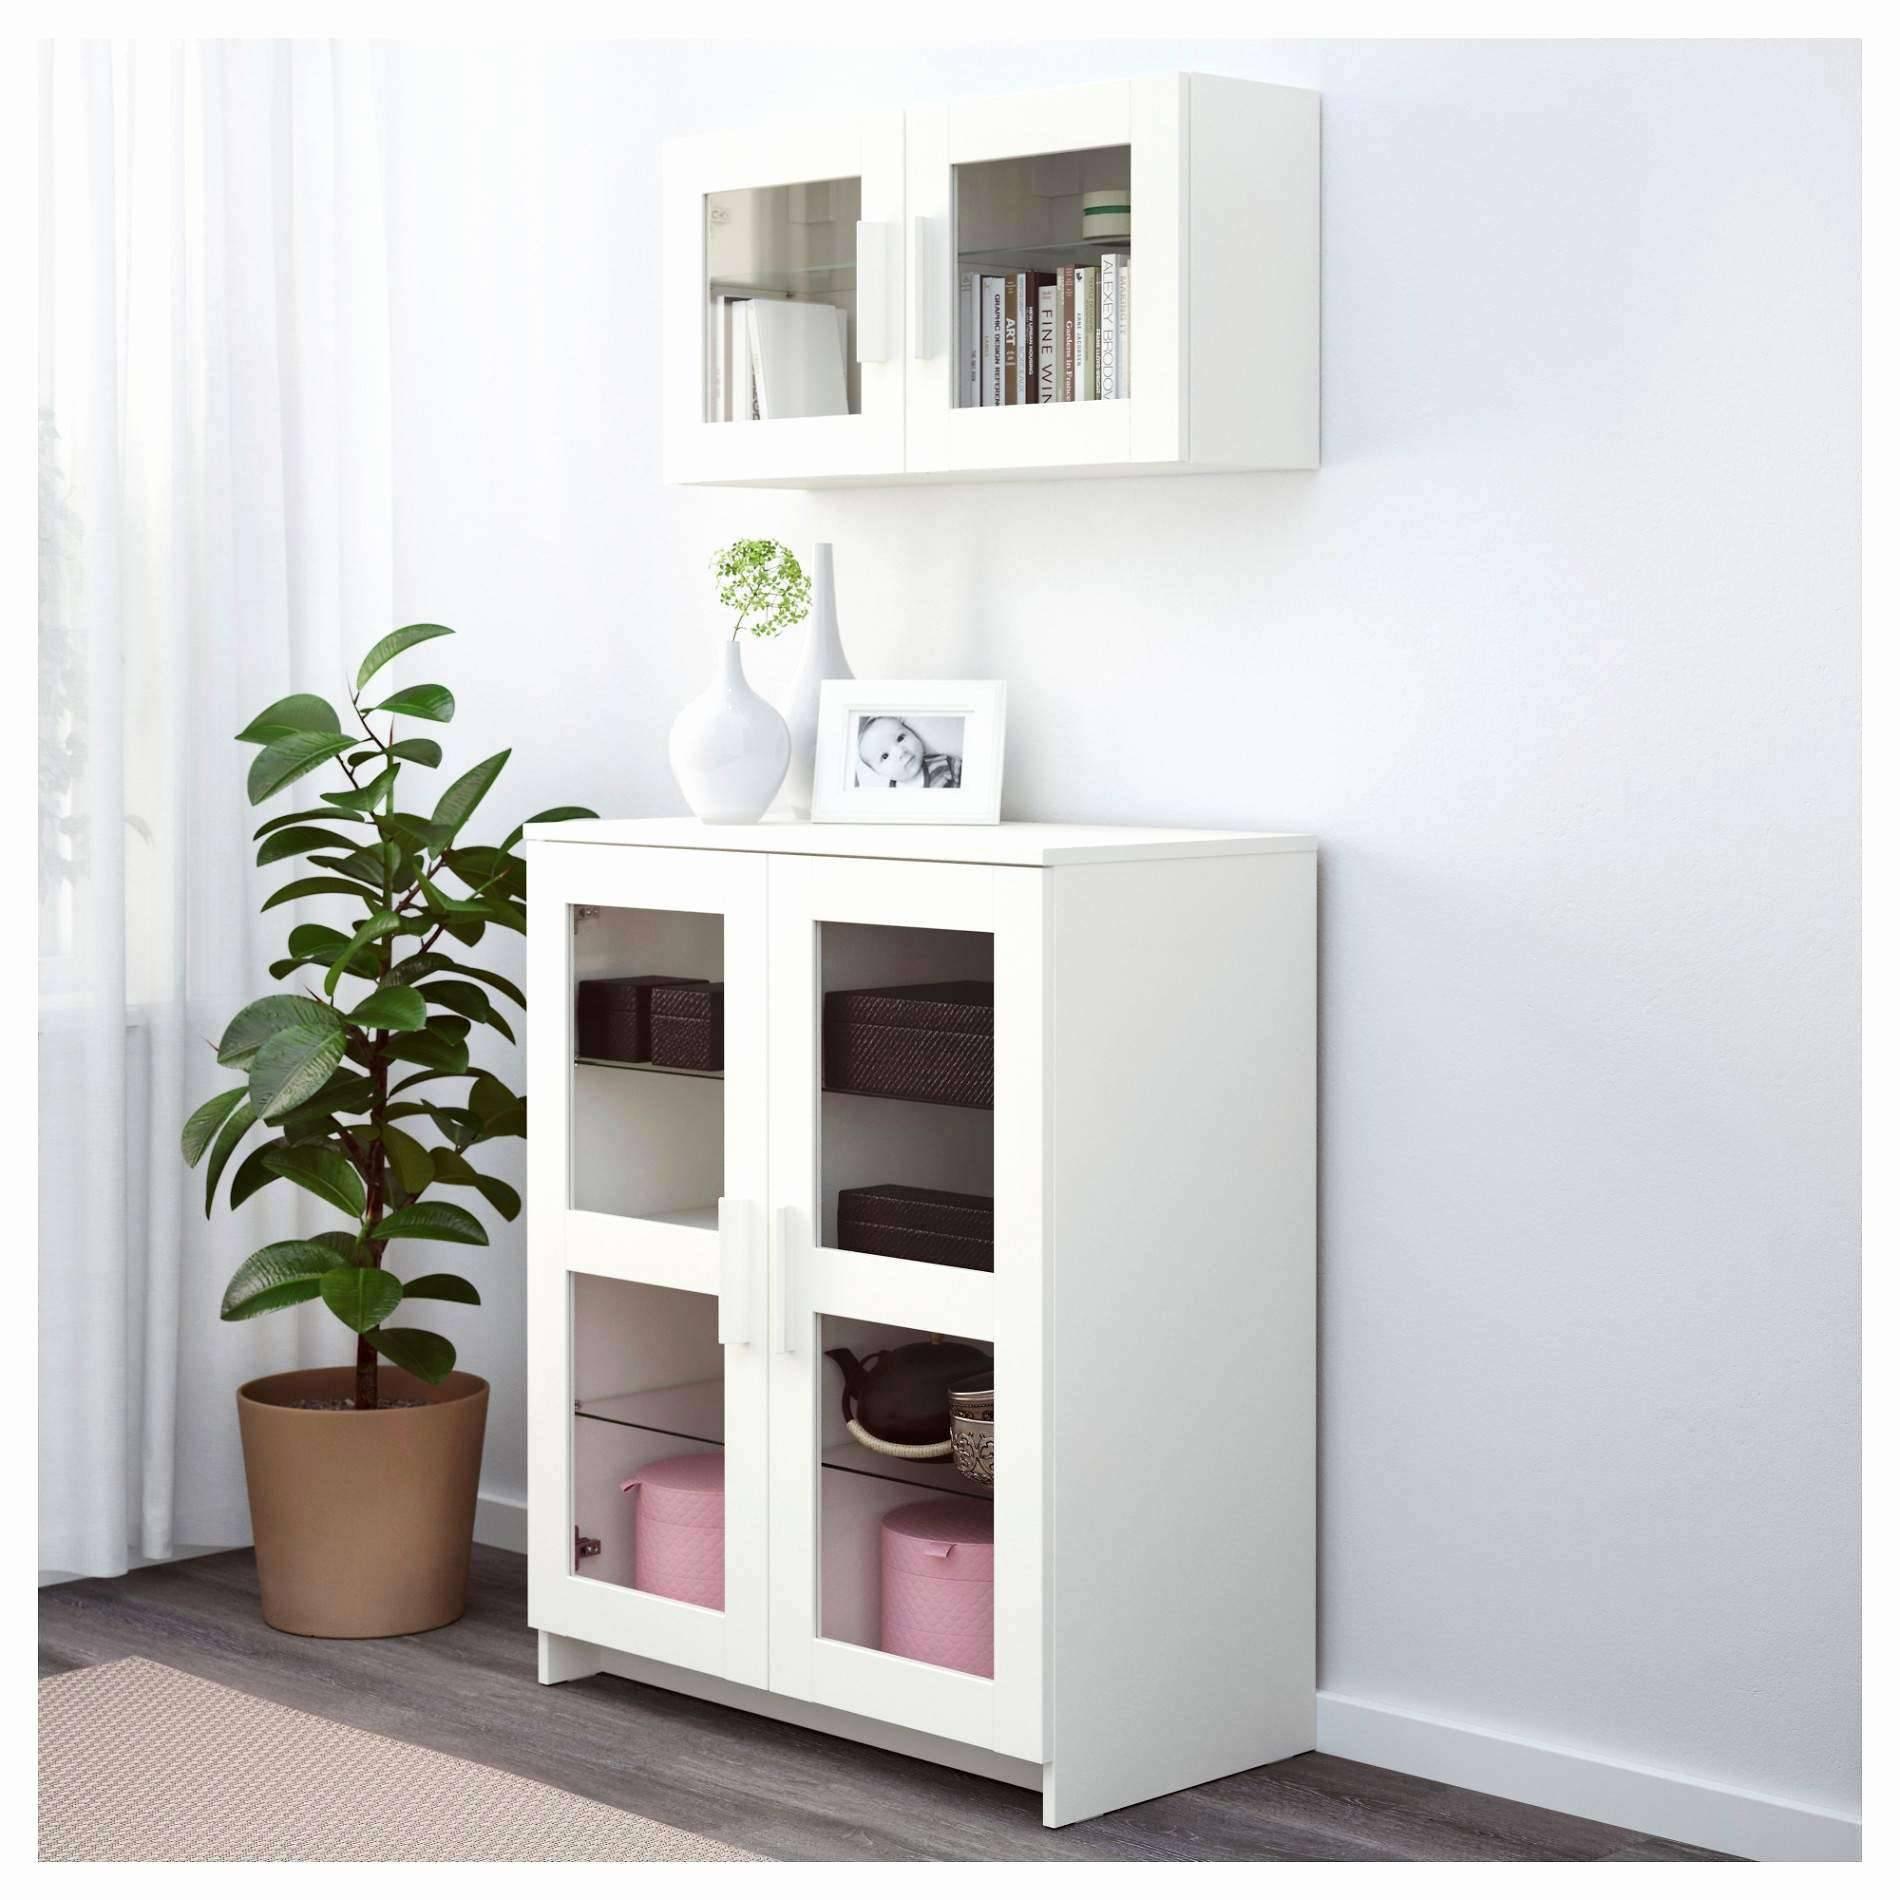 wohnzimmer deko pflanzen new 38 luxus holz deko garten selber machen of wohnzimmer deko pflanzen